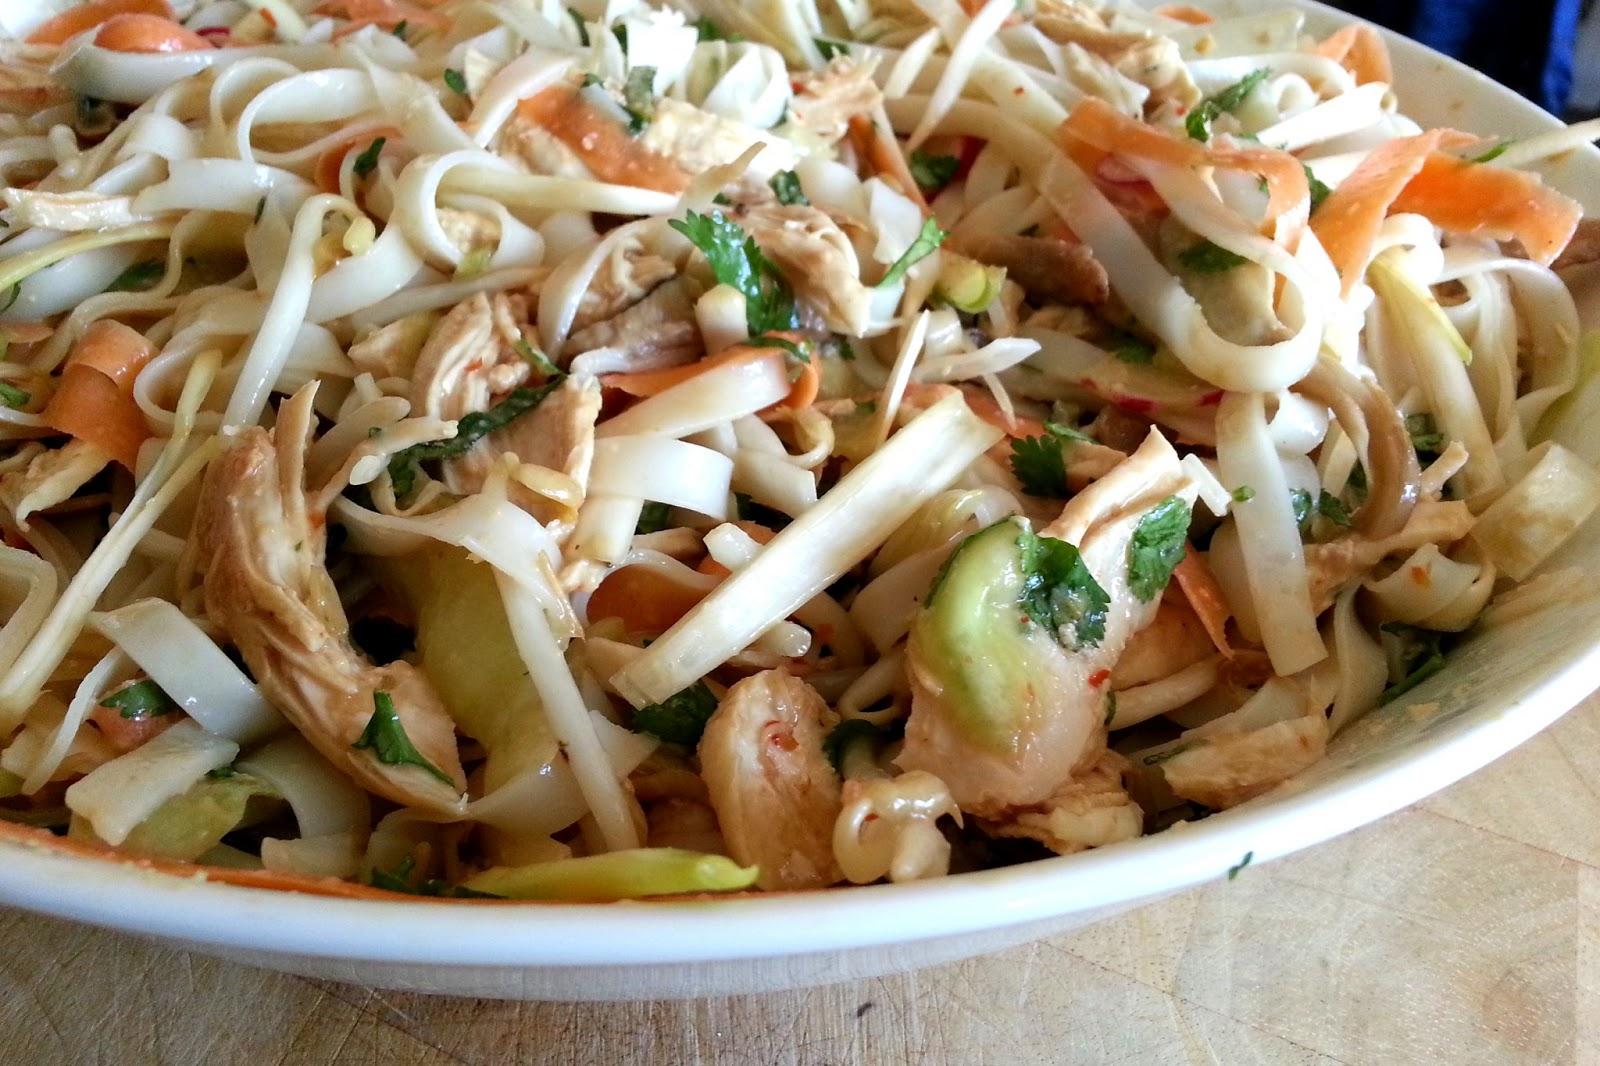 slimming world delights bang bang chicken noodle salad